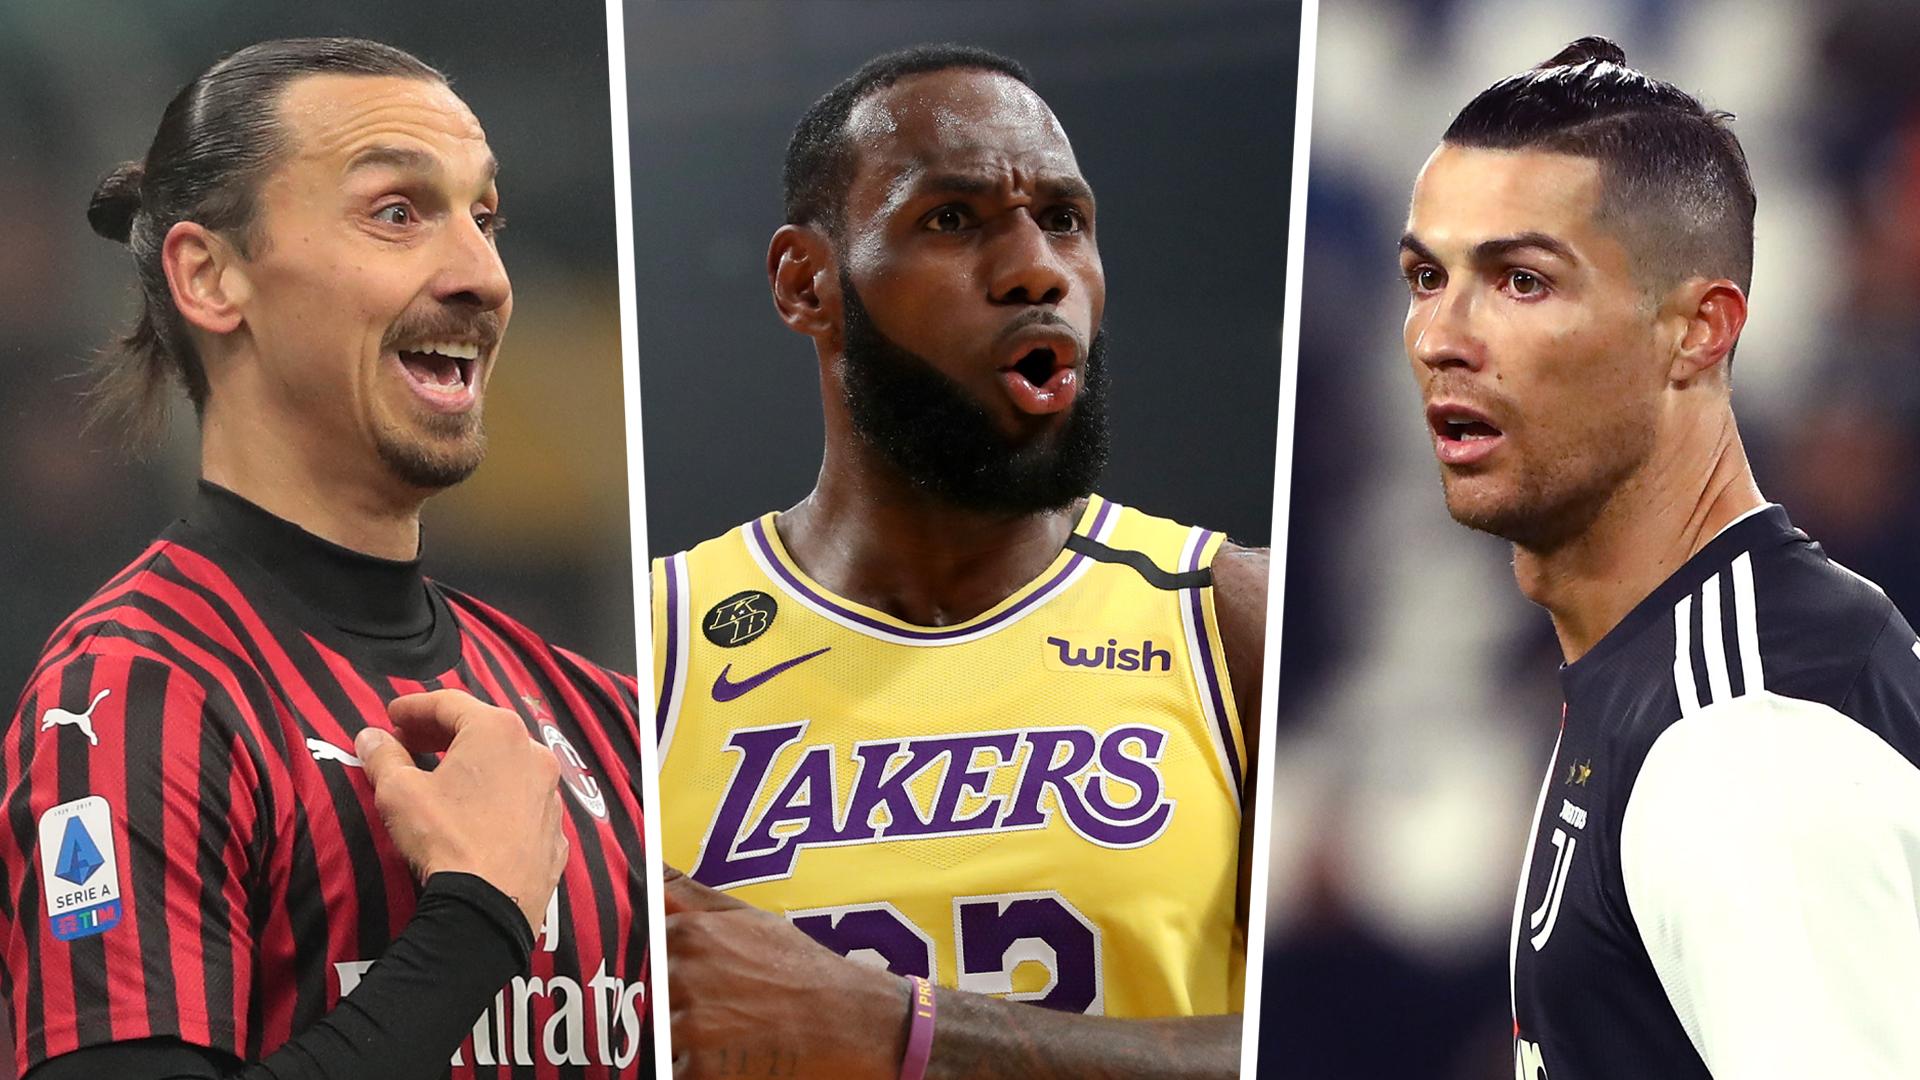 LeBron James nombra a sus jugadores de fútbol favoritos, incluidos Ronaldo y 'loco' Zlatan 1